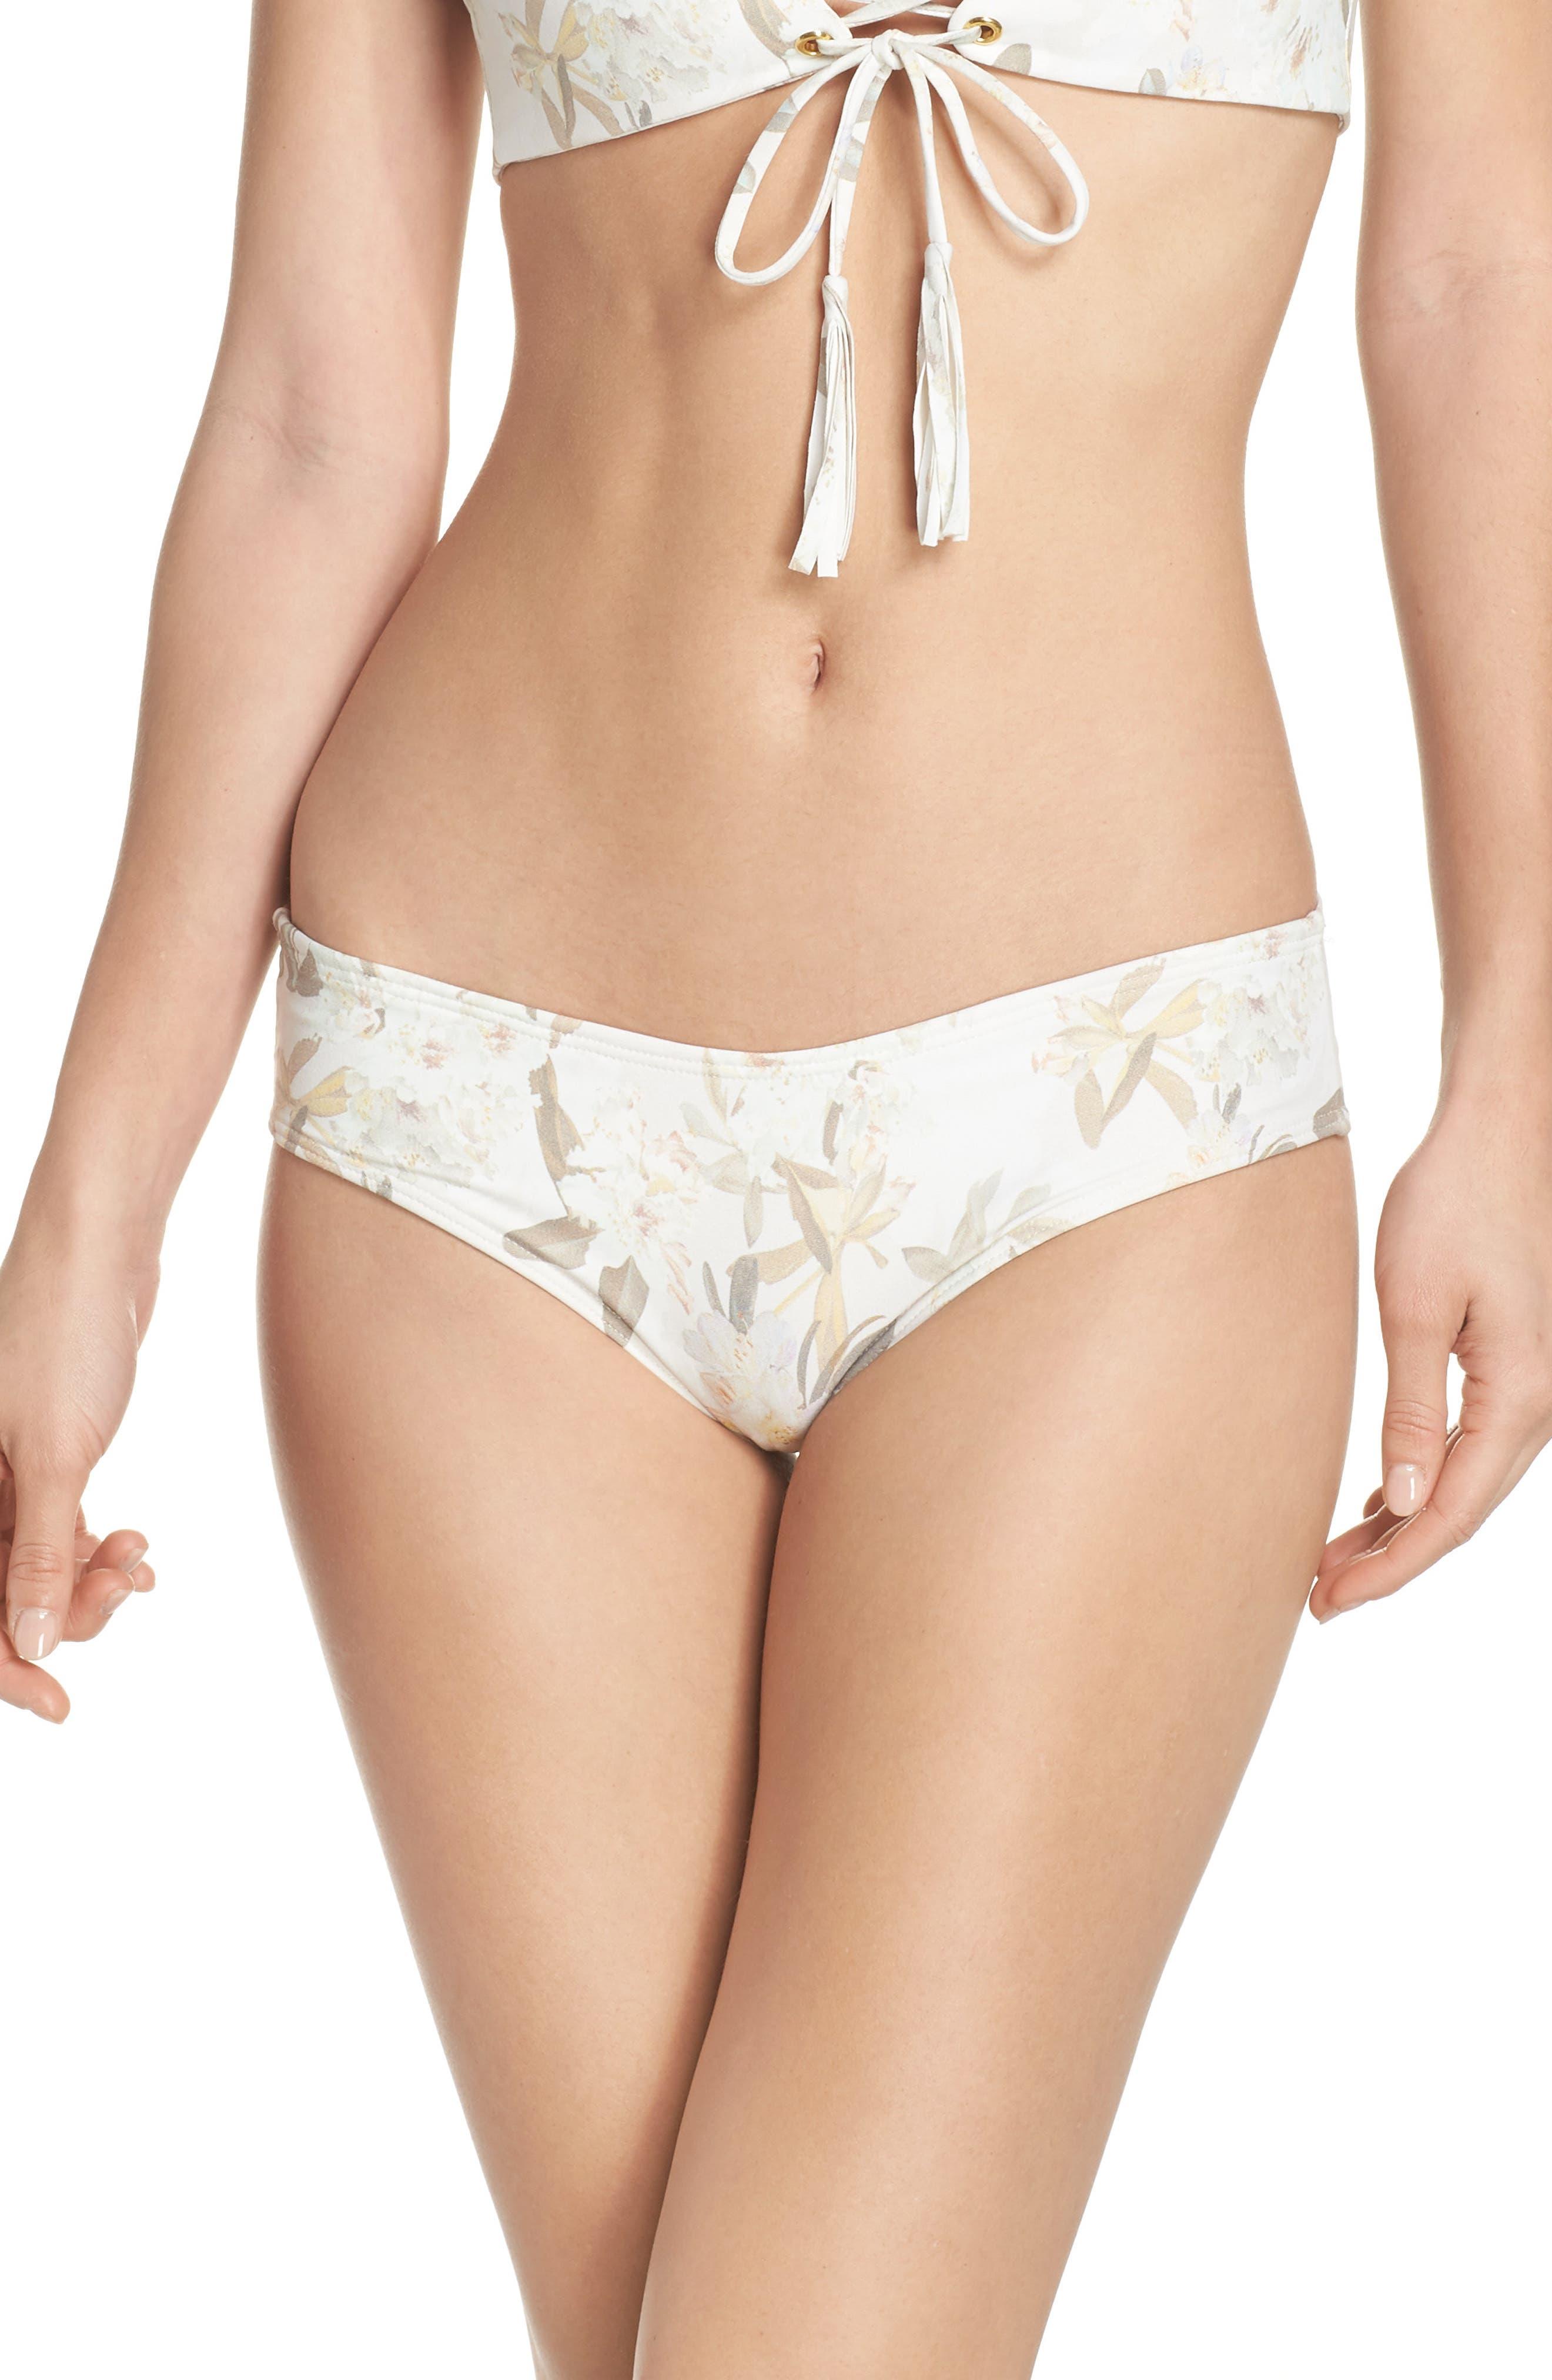 AC Nu Micro Bikini Bottoms,                         Main,                         color, Ete Floral White